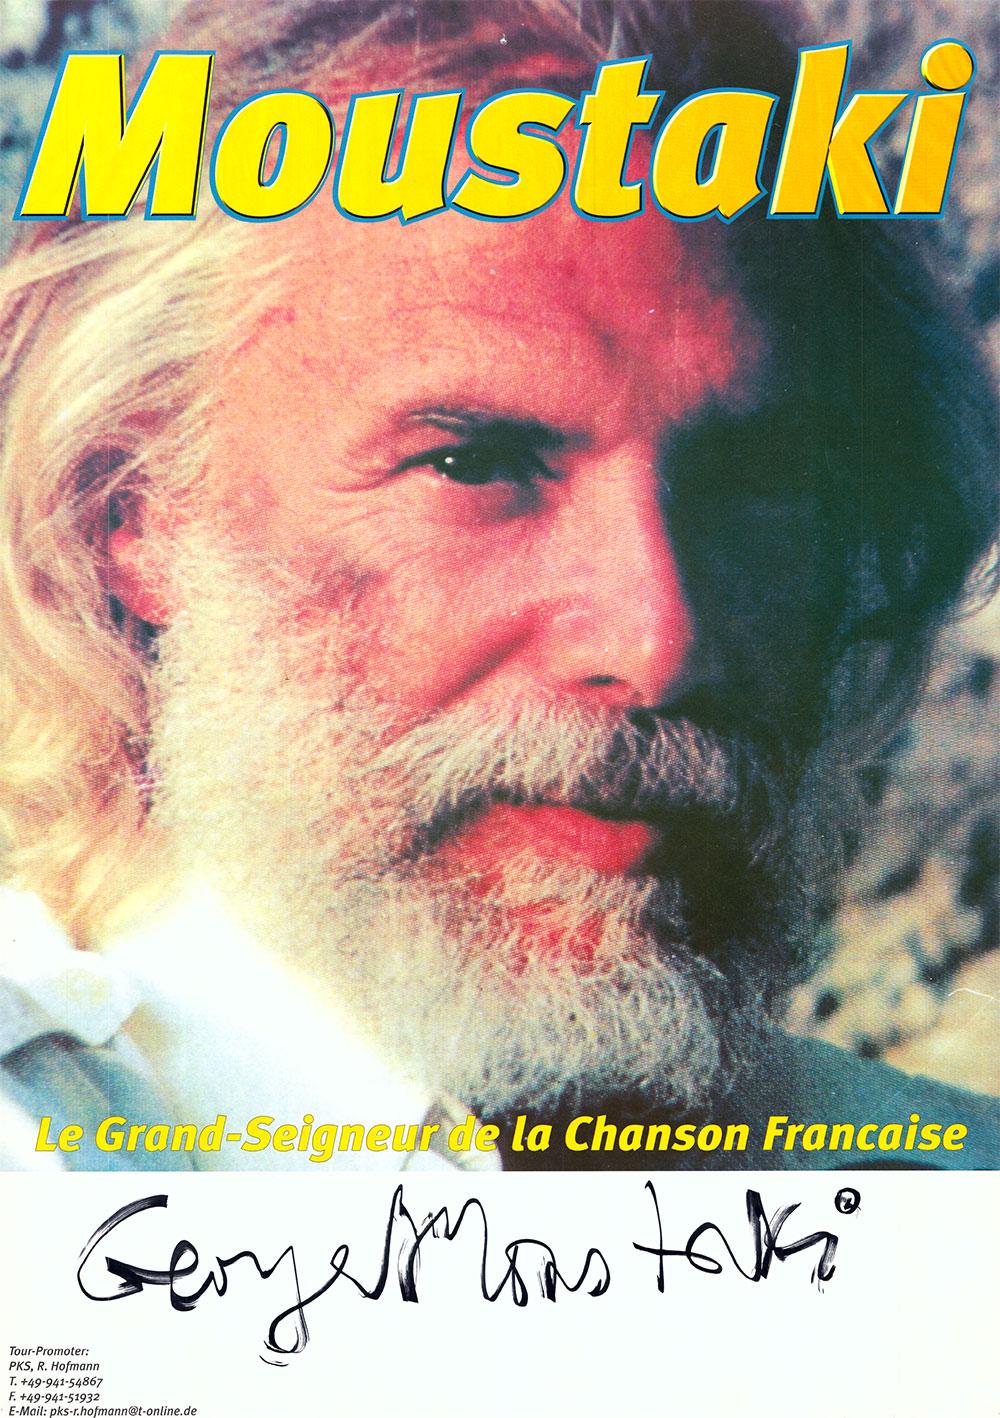 Mehr als 300 Chansons hat die Legende des französischen Chansons Georges Moustaki geschrieben